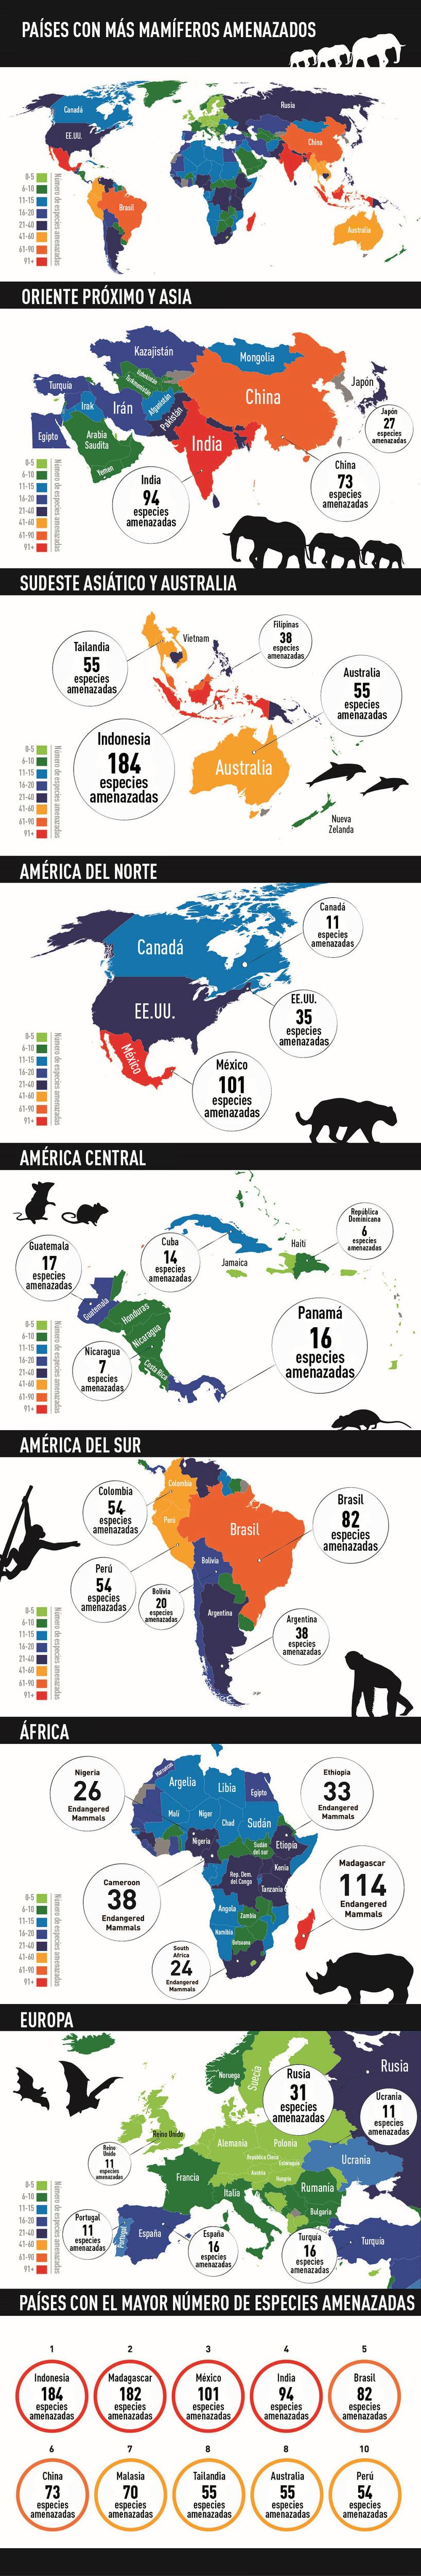 De Indonesia a México: ¿dónde hay más mamíferos amenazados?